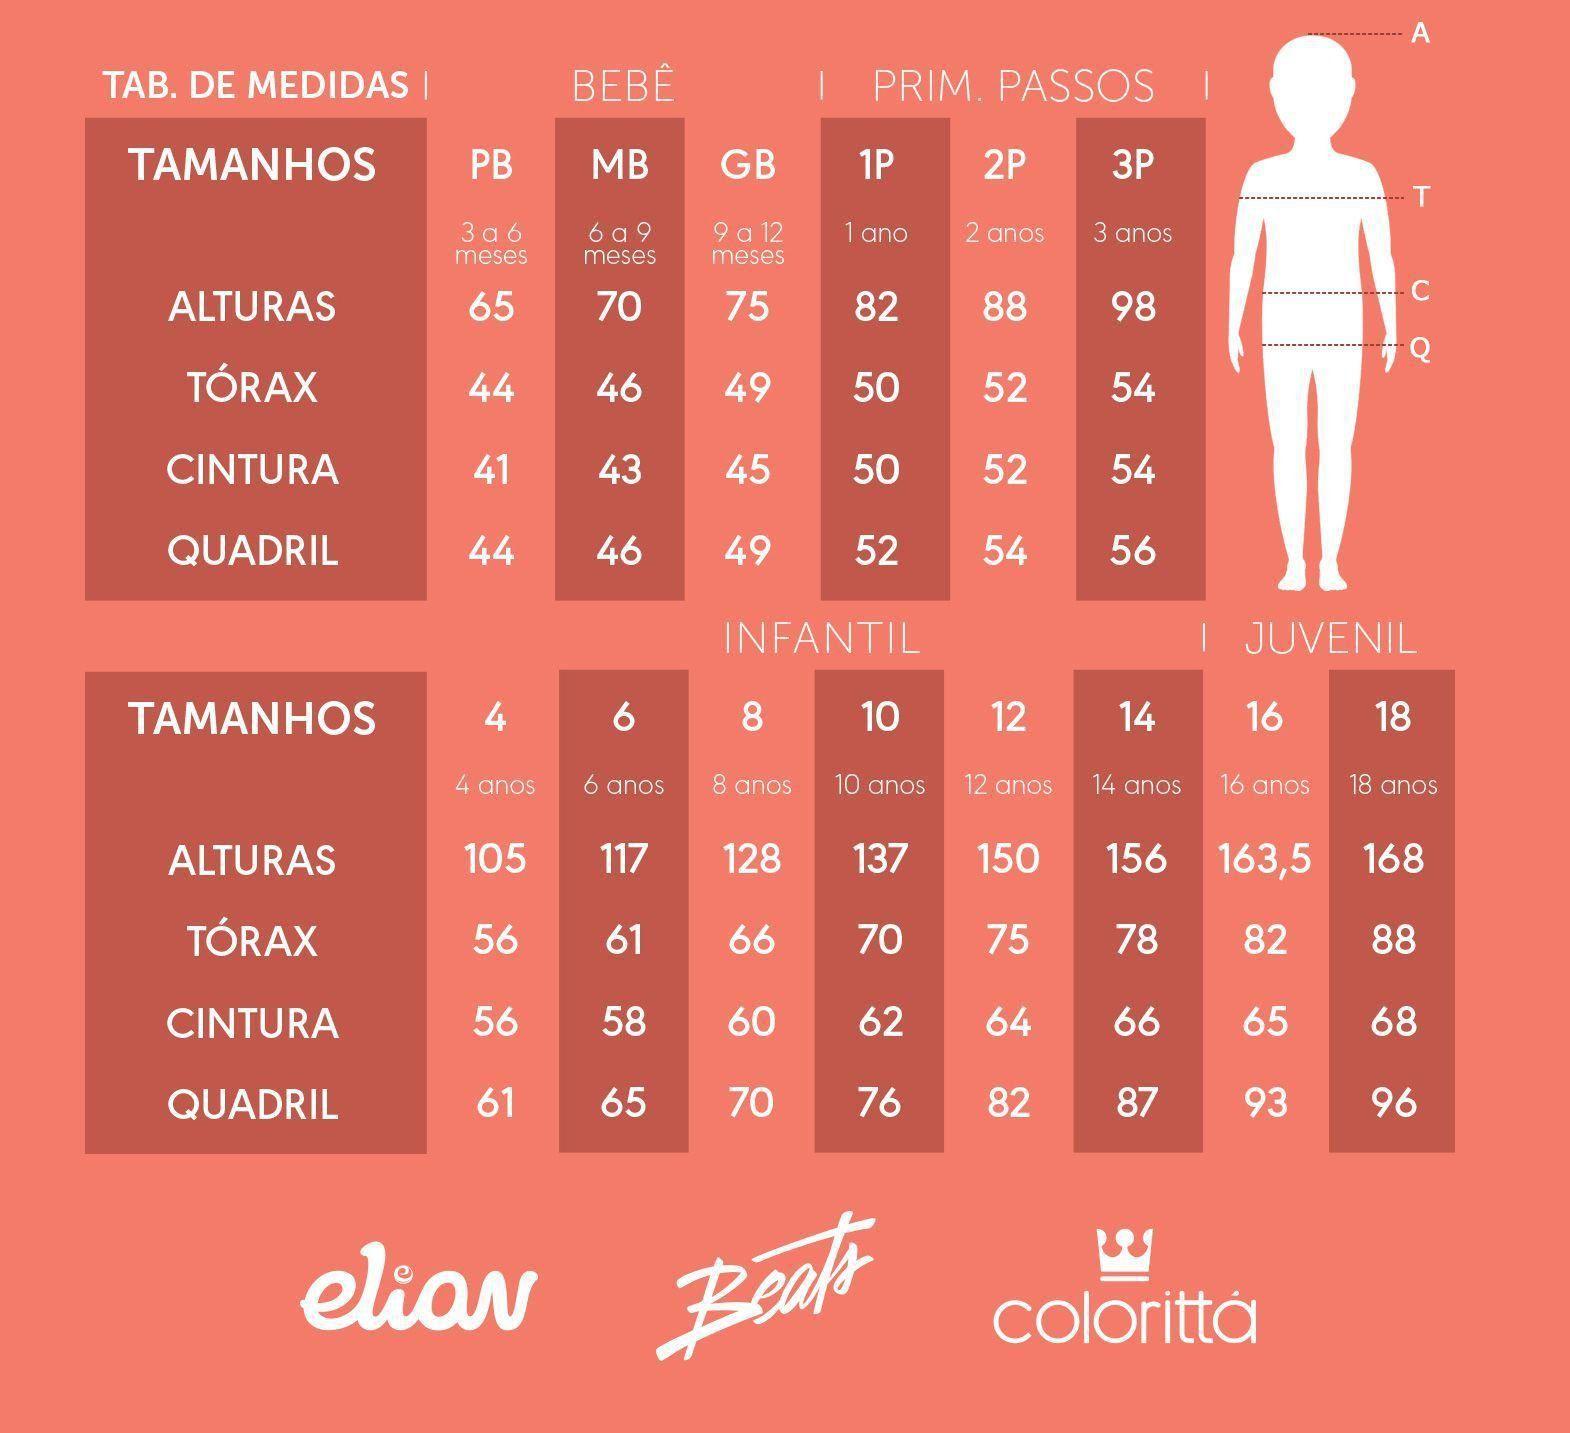 Jaqueta Infantil Masculina Preto Keep - Elian: Tabela de medidas